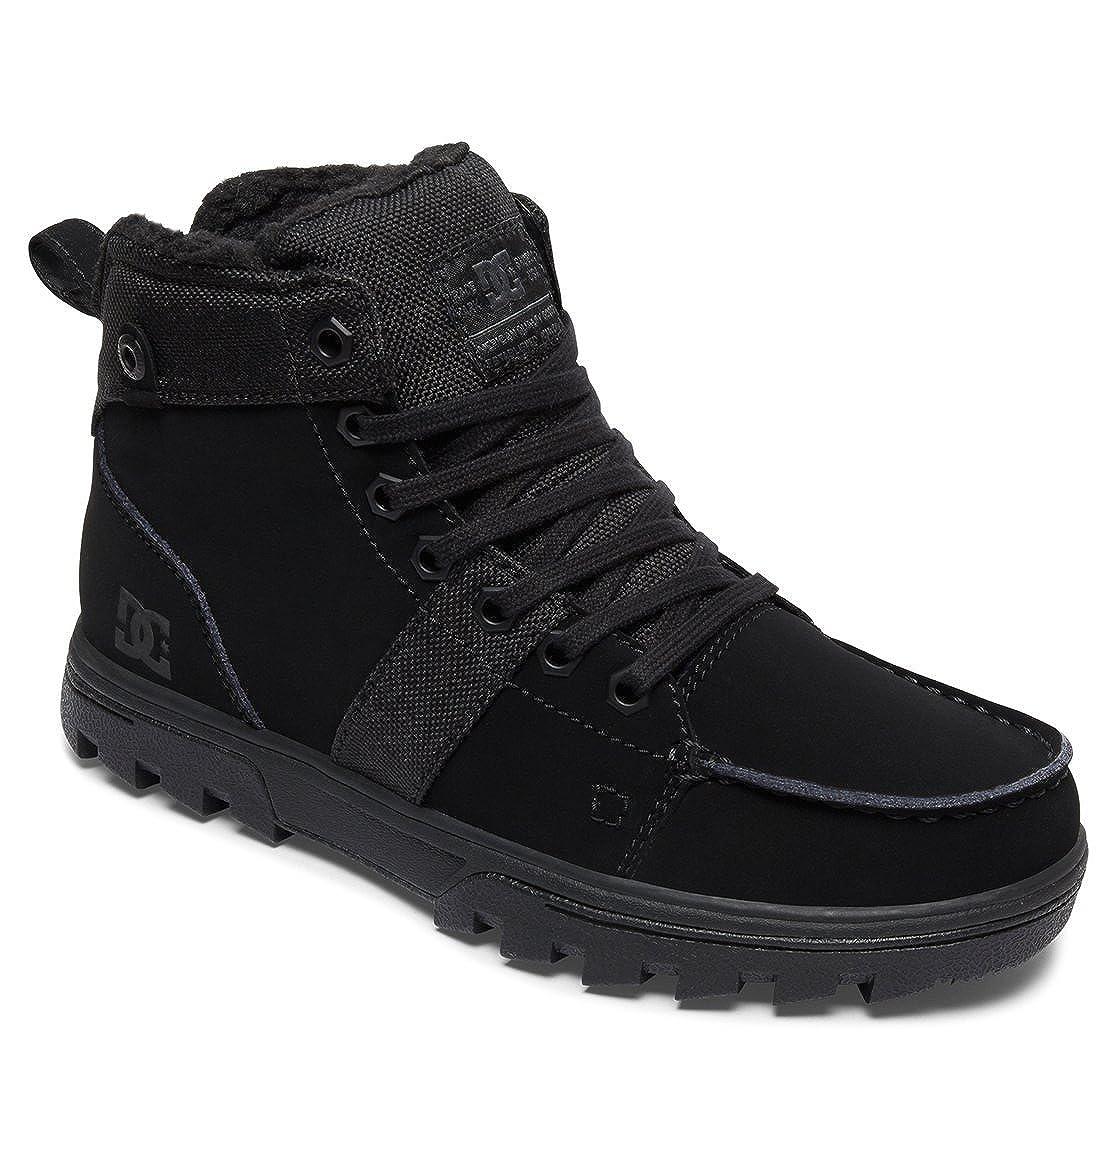 DC Schuhes Woodland - Schnürstiefel für Frauen Frauen für ADJB700003 schwarz/schwarz/schwarz 06431b